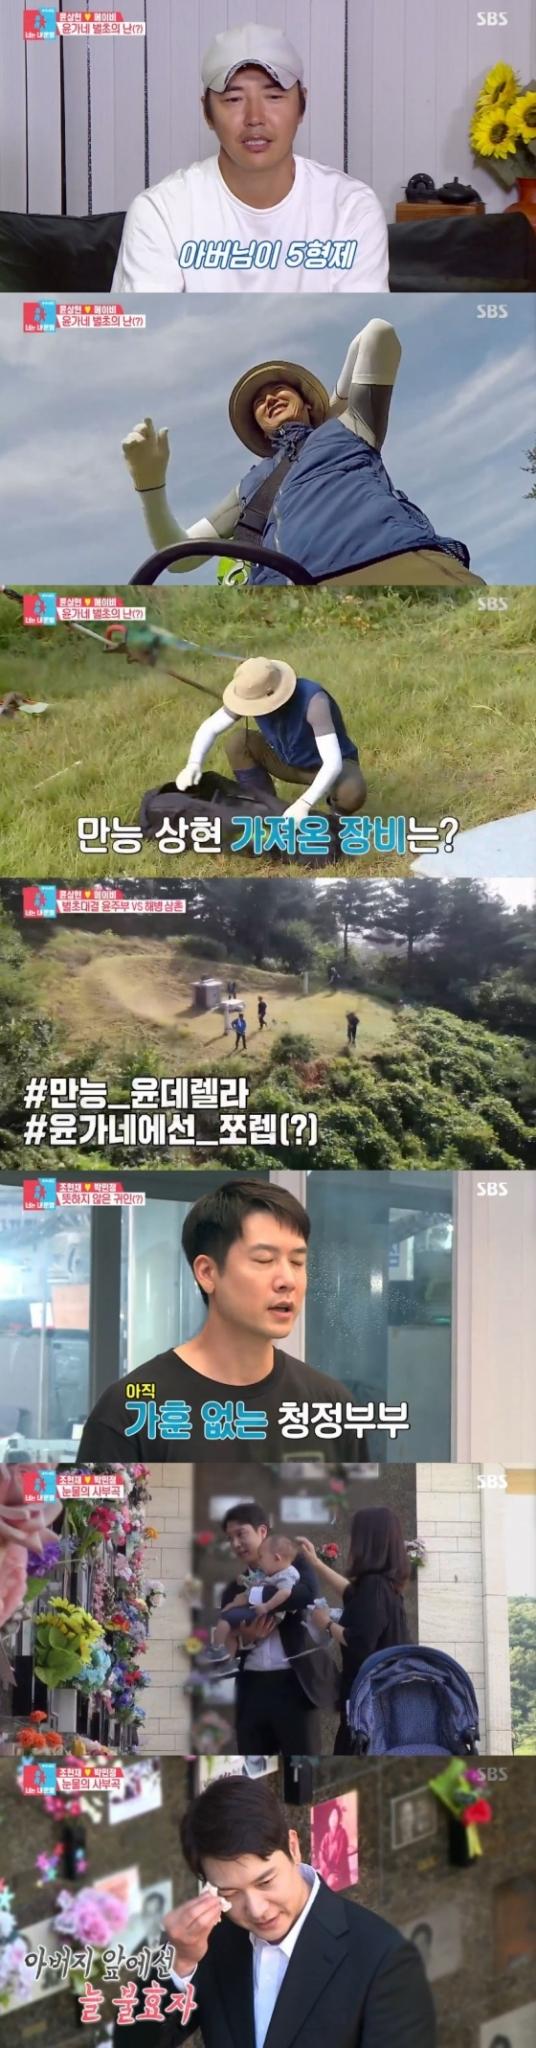 /사진=SBS 예능 프로그램 '동상이몽 2 - 너는 내 운명' 캡처